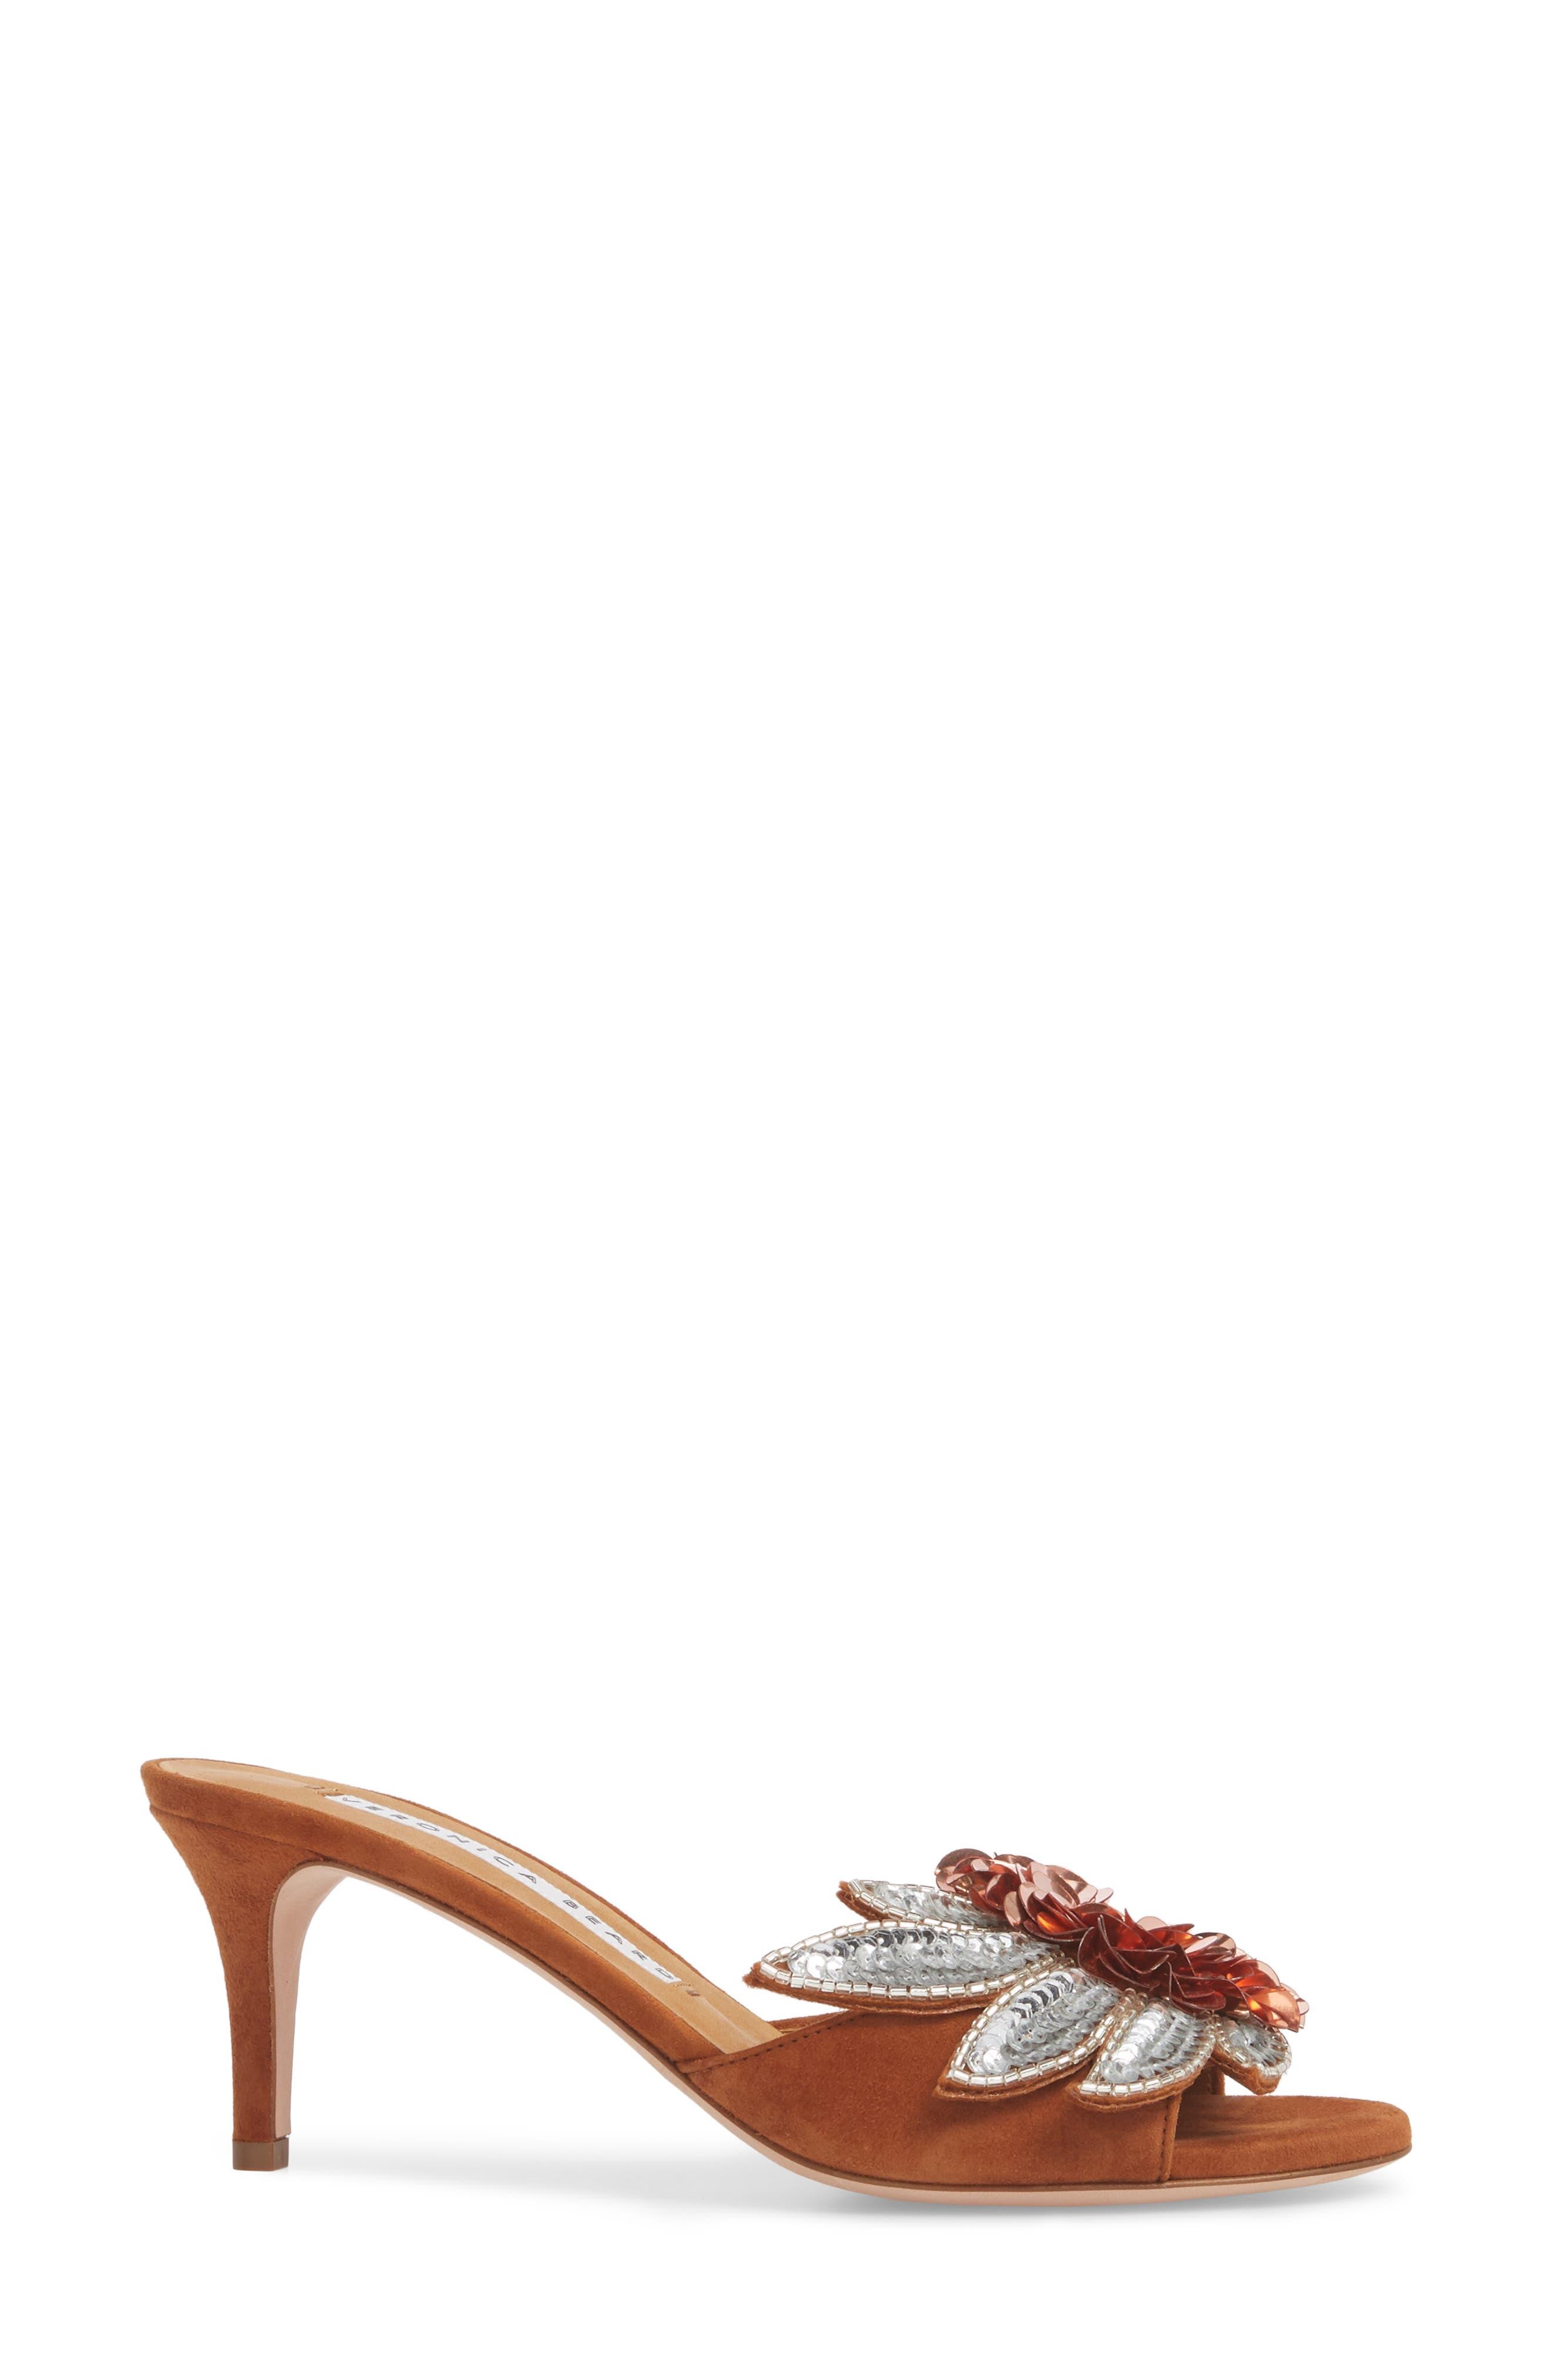 Nev Embellished Slide Sandal,                             Alternate thumbnail 3, color,                             Cognac